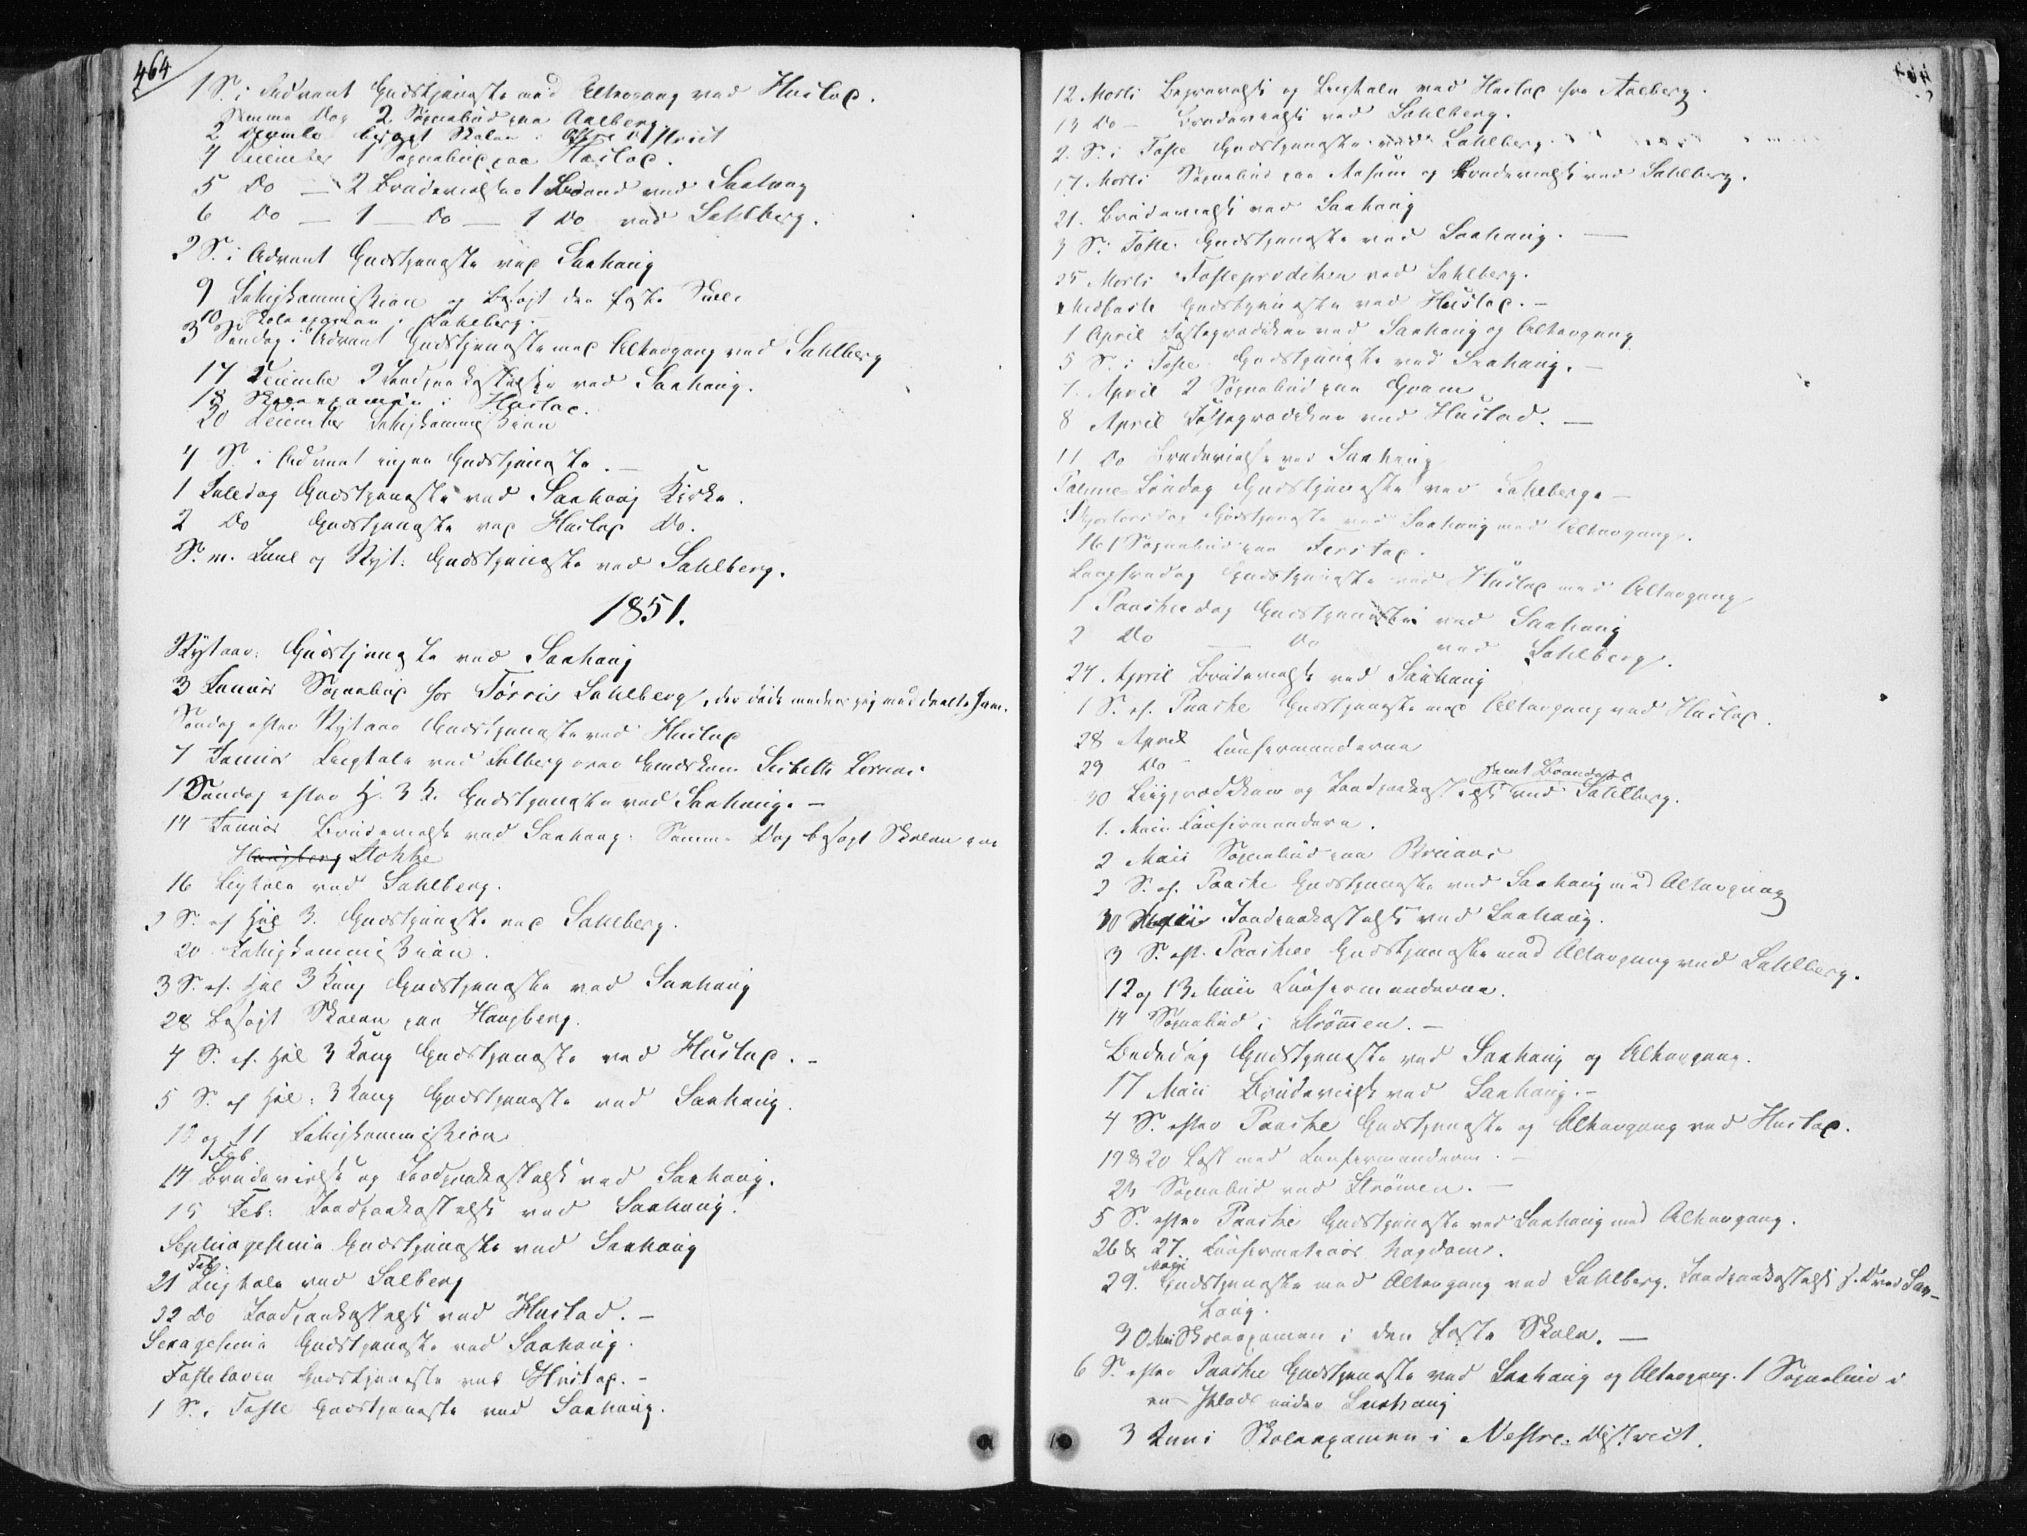 SAT, Ministerialprotokoller, klokkerbøker og fødselsregistre - Nord-Trøndelag, 730/L0280: Ministerialbok nr. 730A07 /1, 1840-1854, s. 464